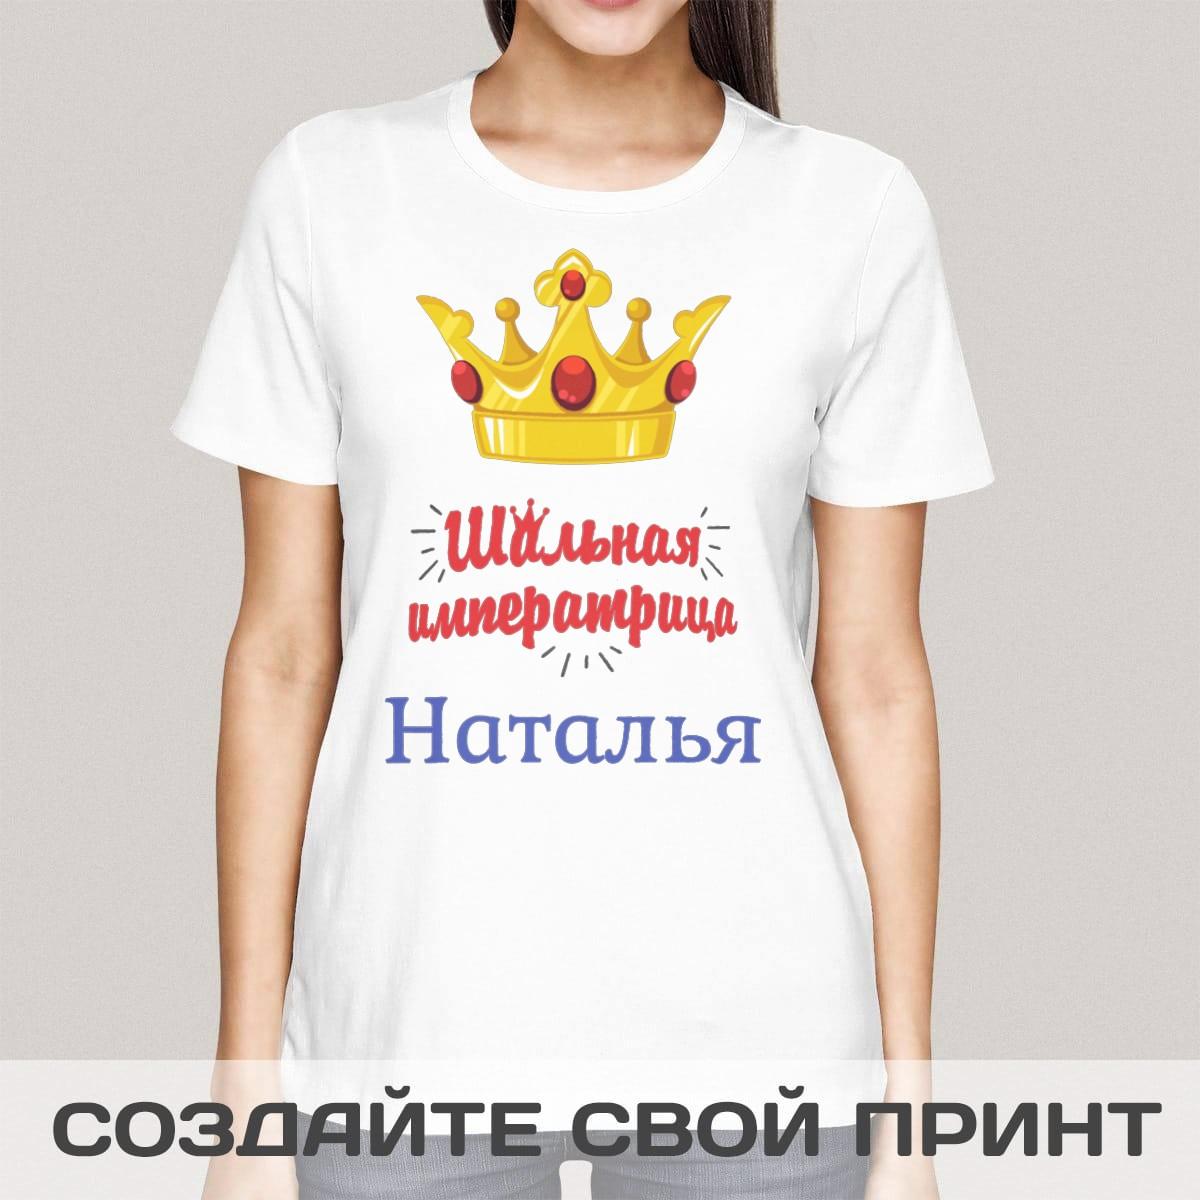 Именная прикольная футболка с принтом «Шальная императрица»